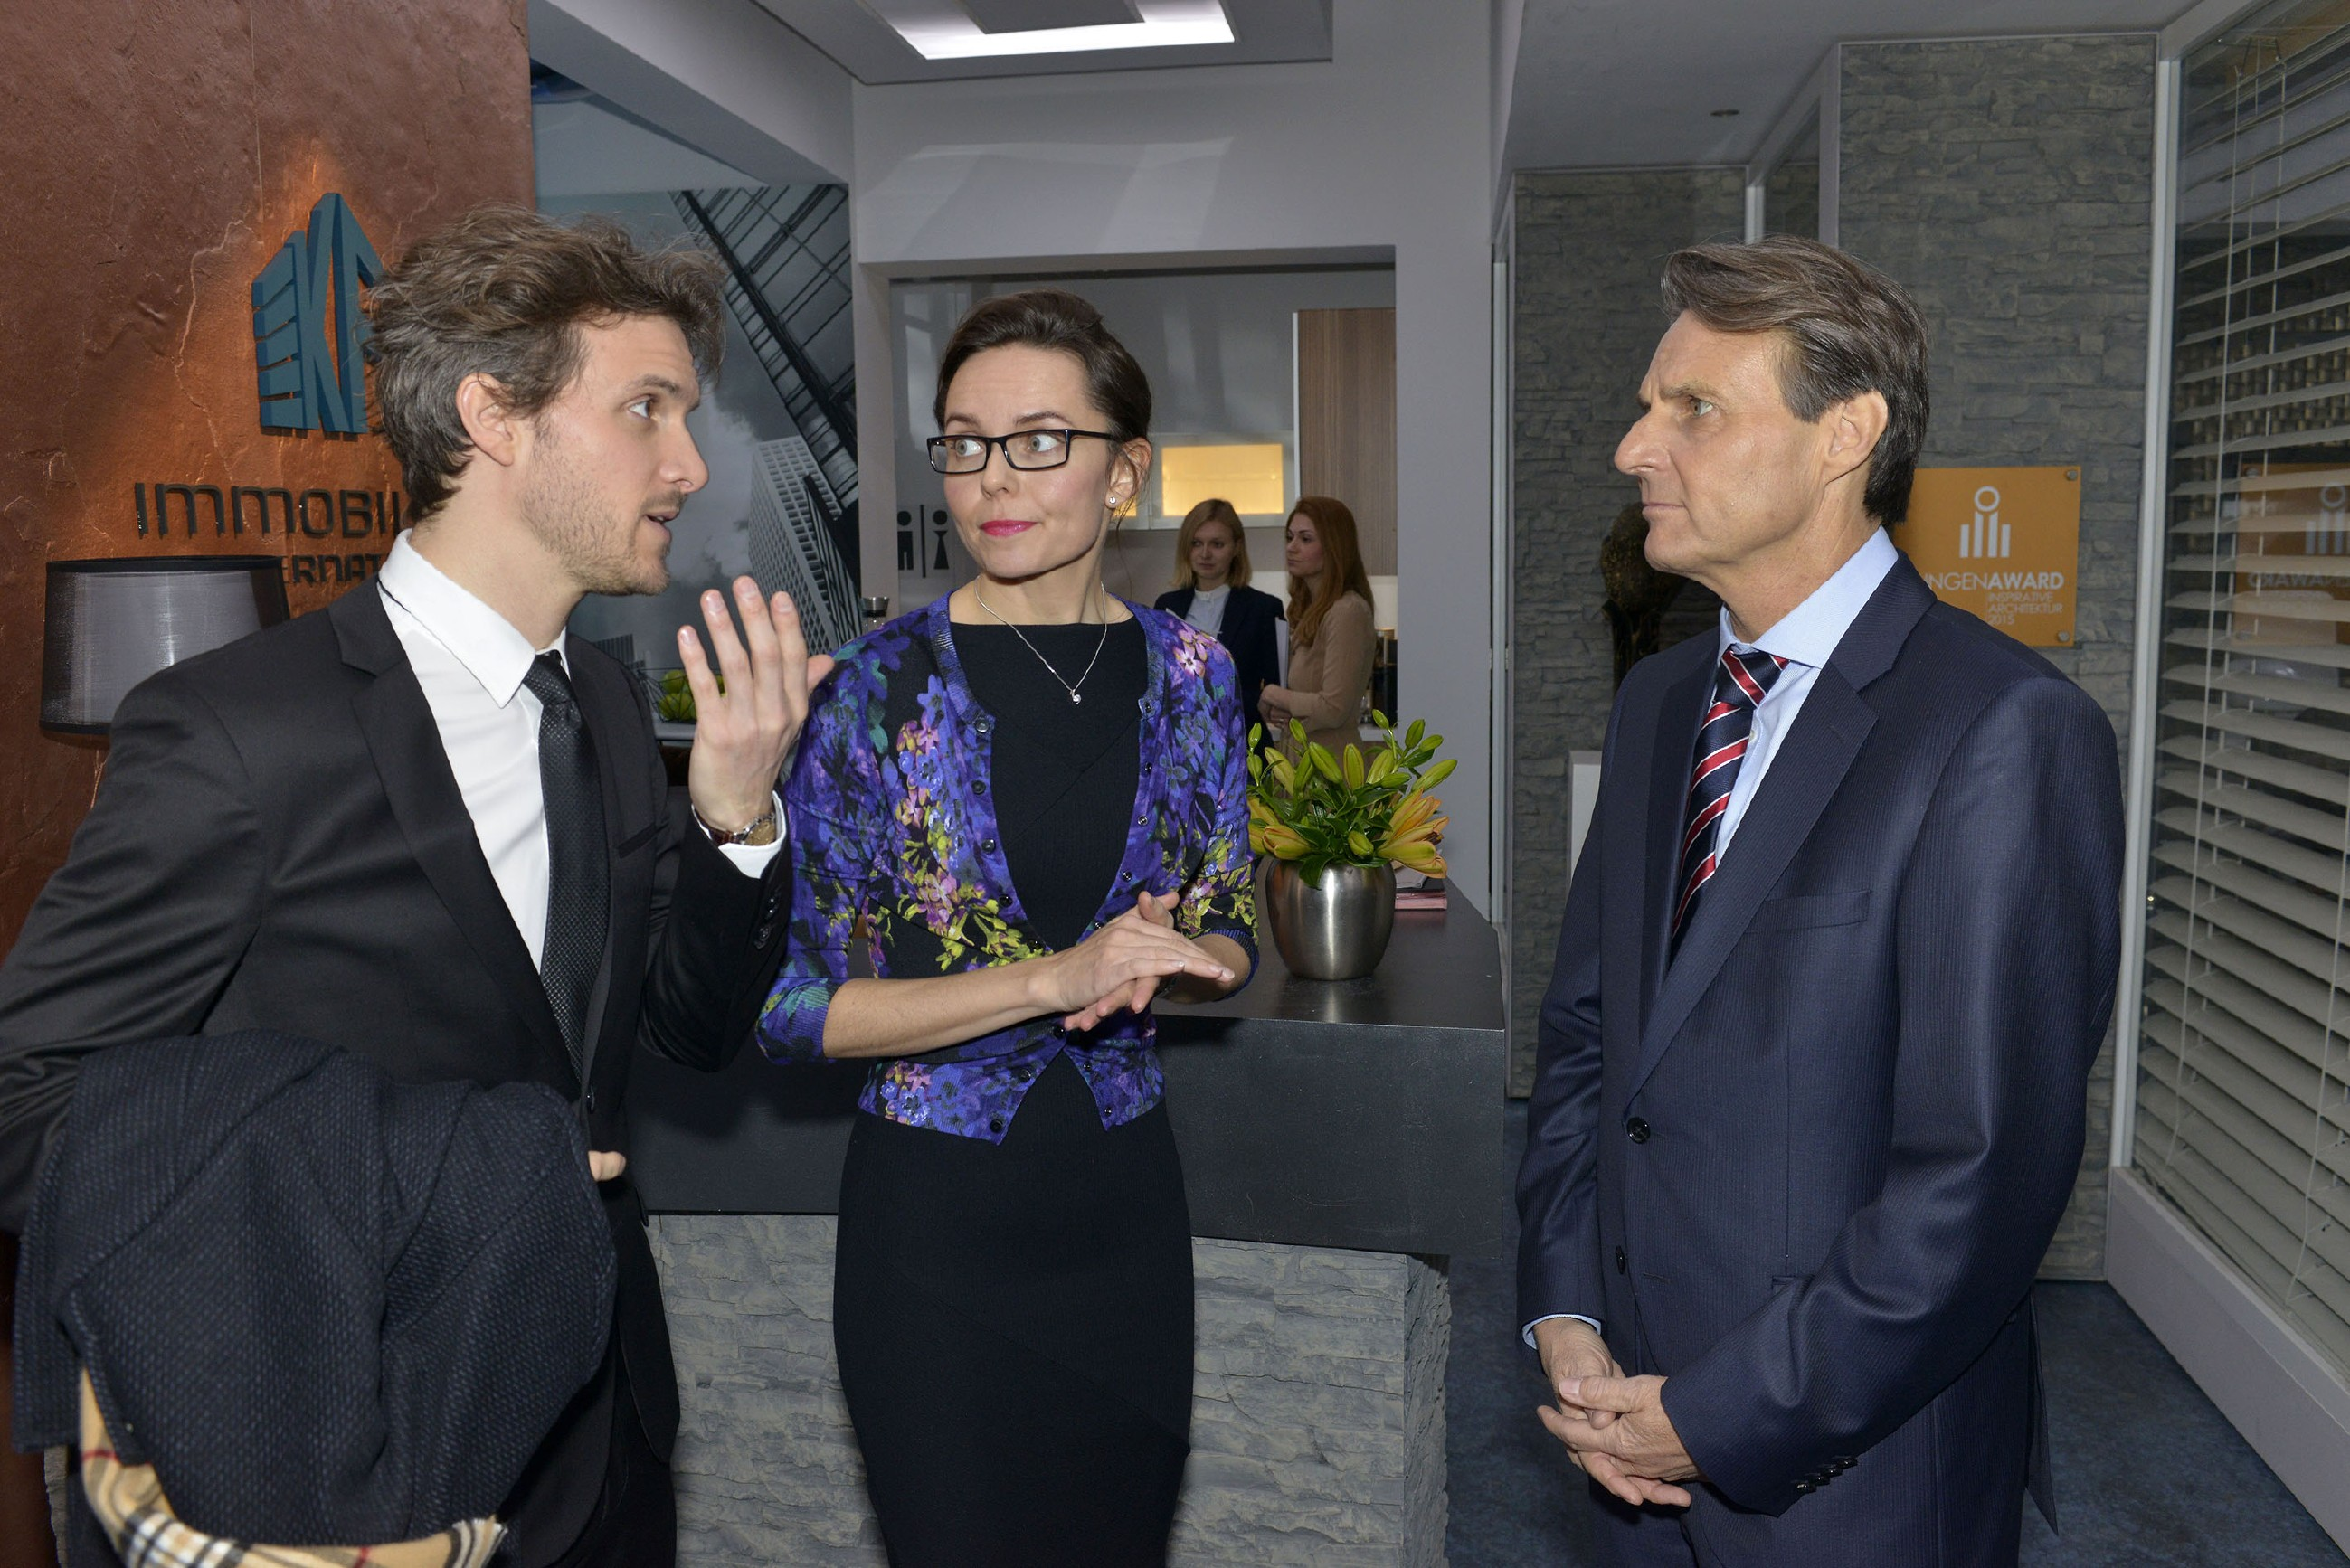 Ahnt Gerner (Wolfgang Bahro, r.), dass Felix (Thaddäus Meilinger) und Andrea (Yvonne Ernicke) ihn zum Geburtstag überraschen wollen? (Foto: RTL / Rolf Baumgartner)